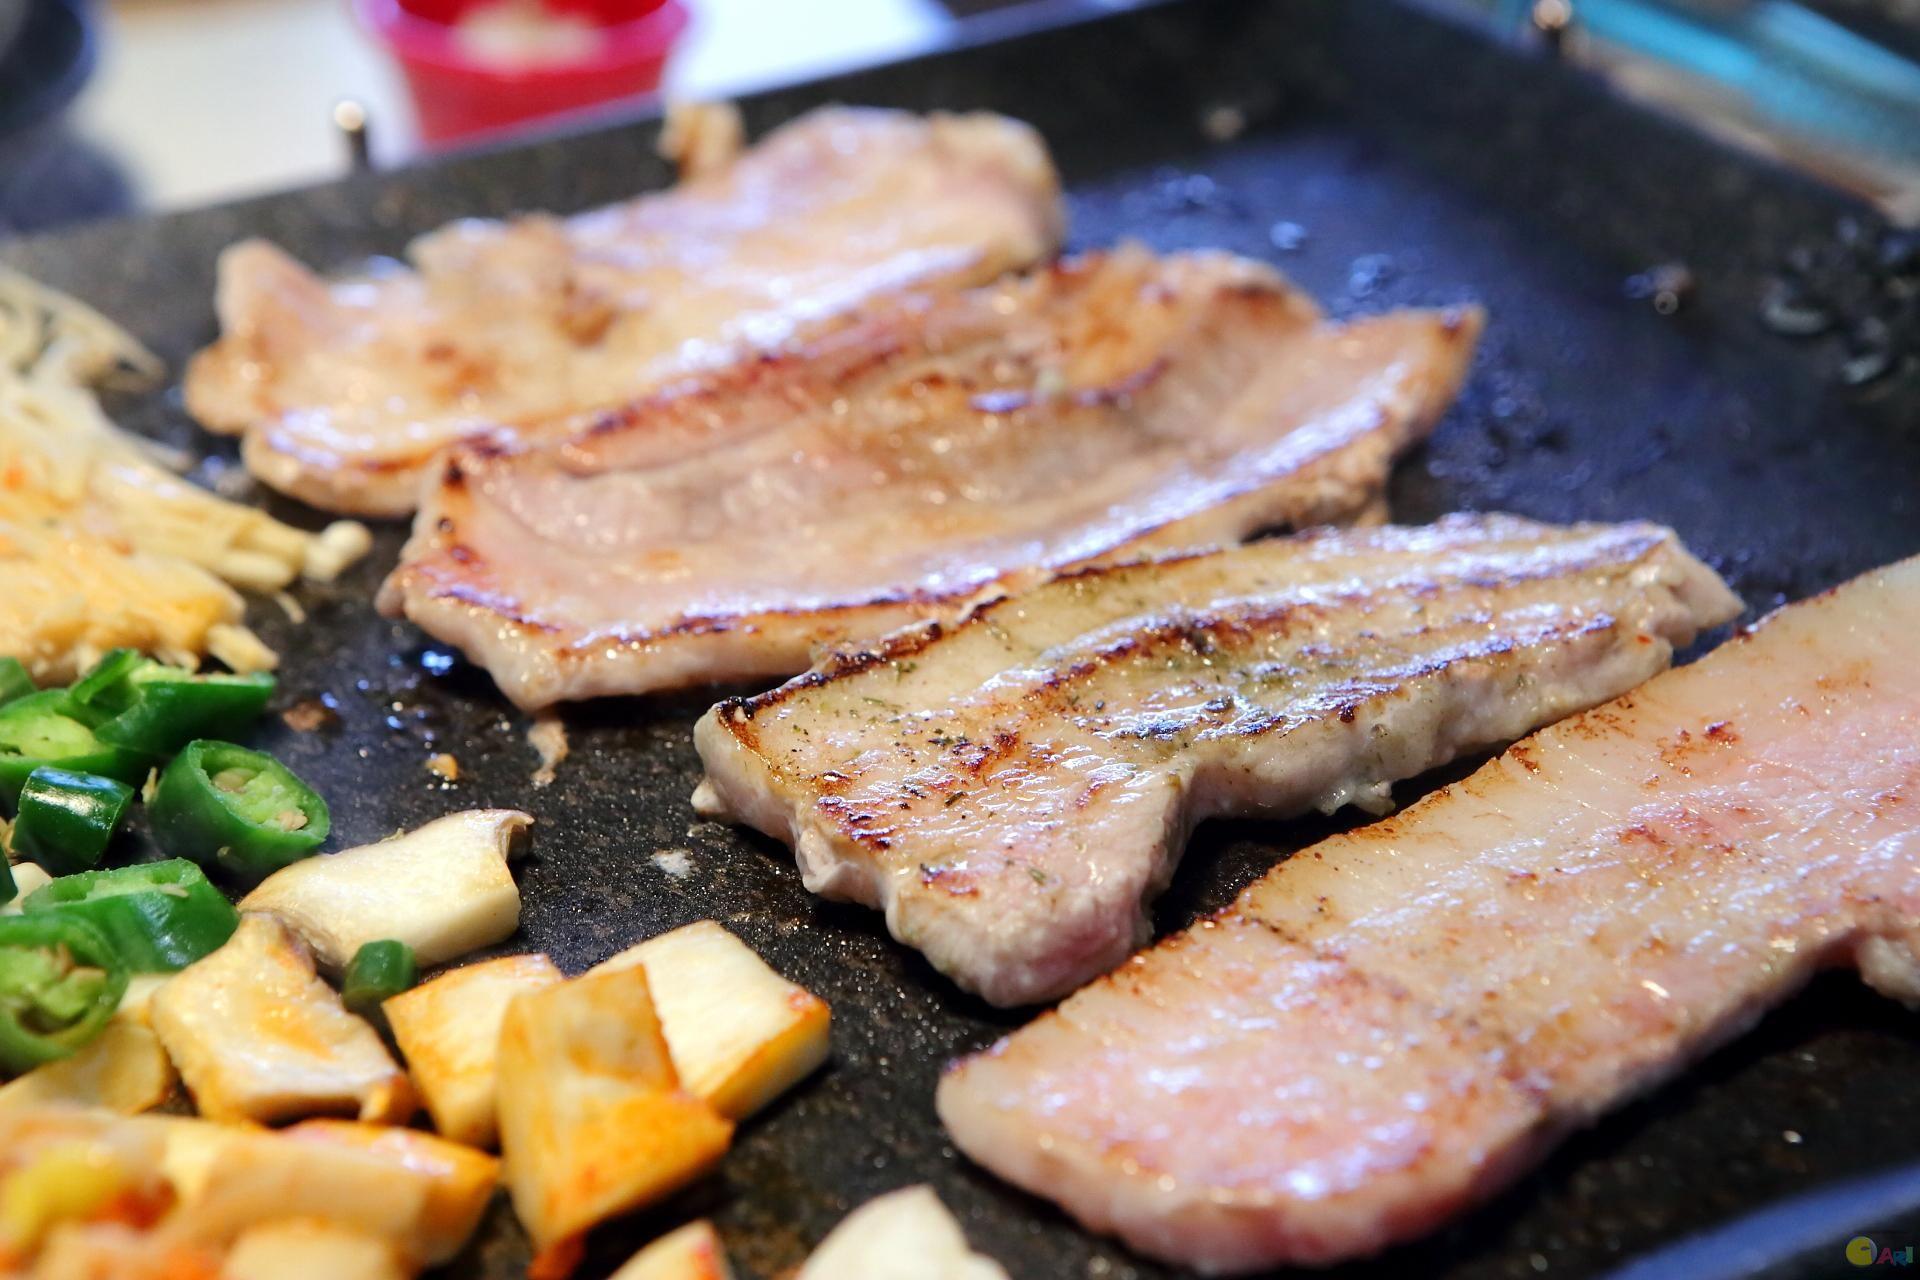 Palsaik Korean BBQ ��ɫ����